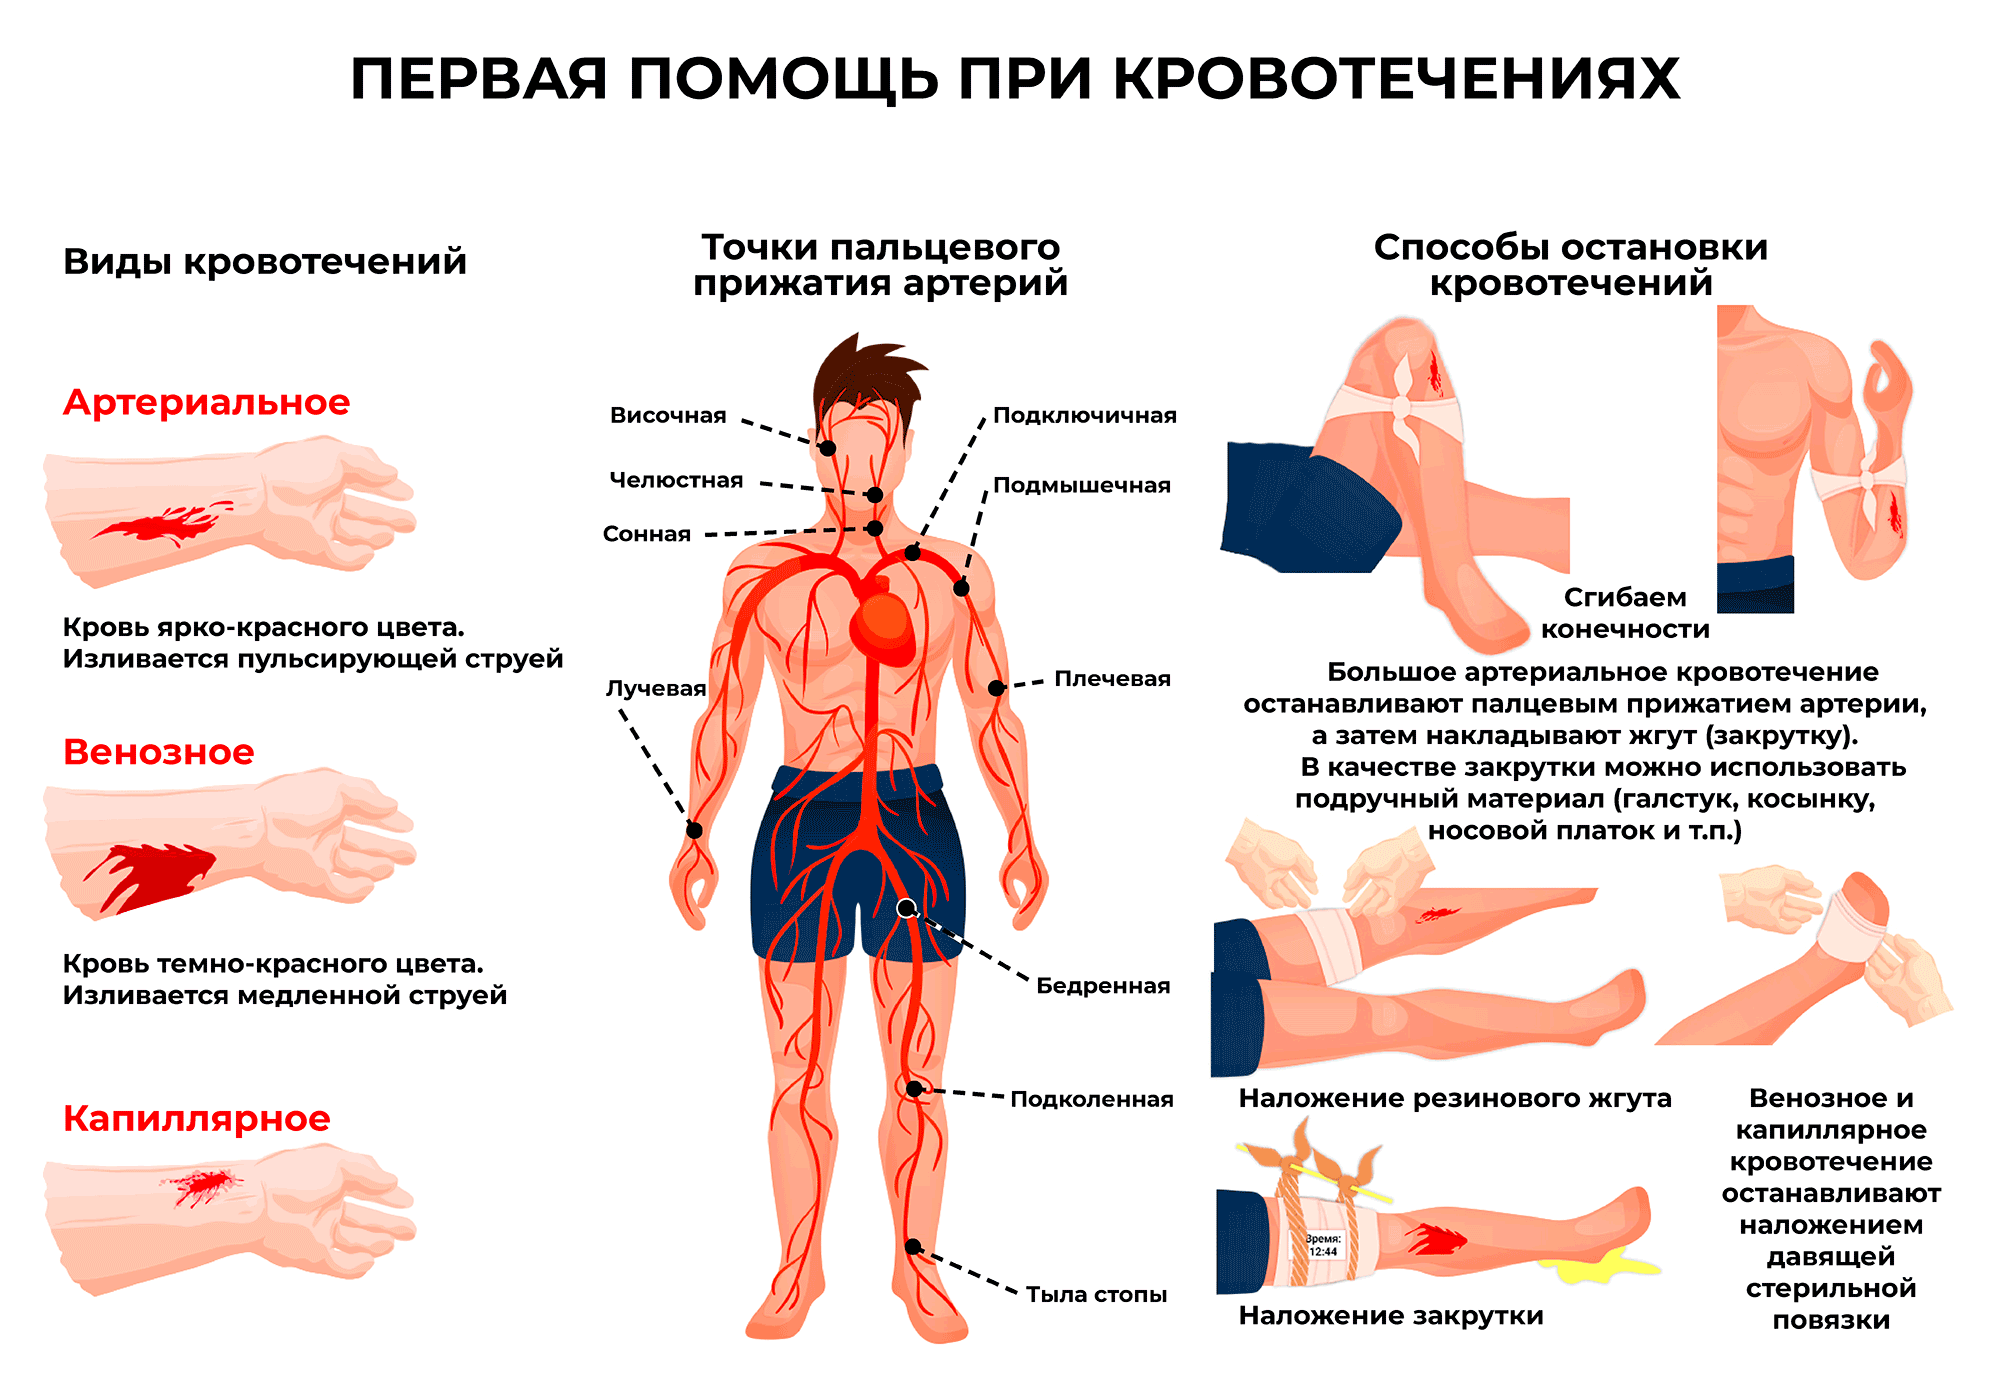 Первая помощь при кровотечениях. Инфографика